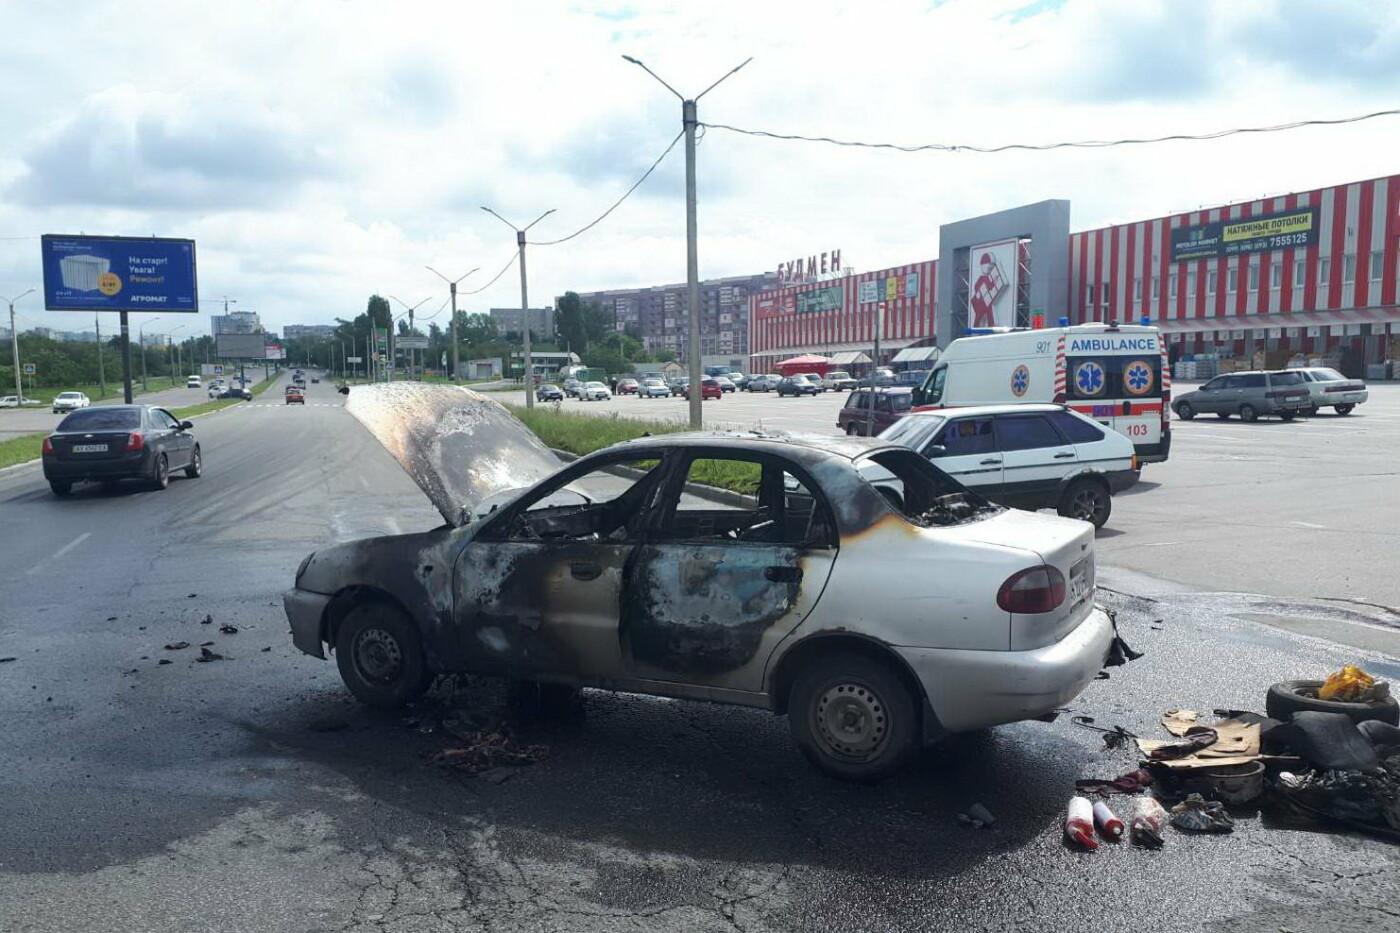 В Харькове во время движения загорелся легковой автомобиль: водитель получил ожоги, - ФОТО, фото-1